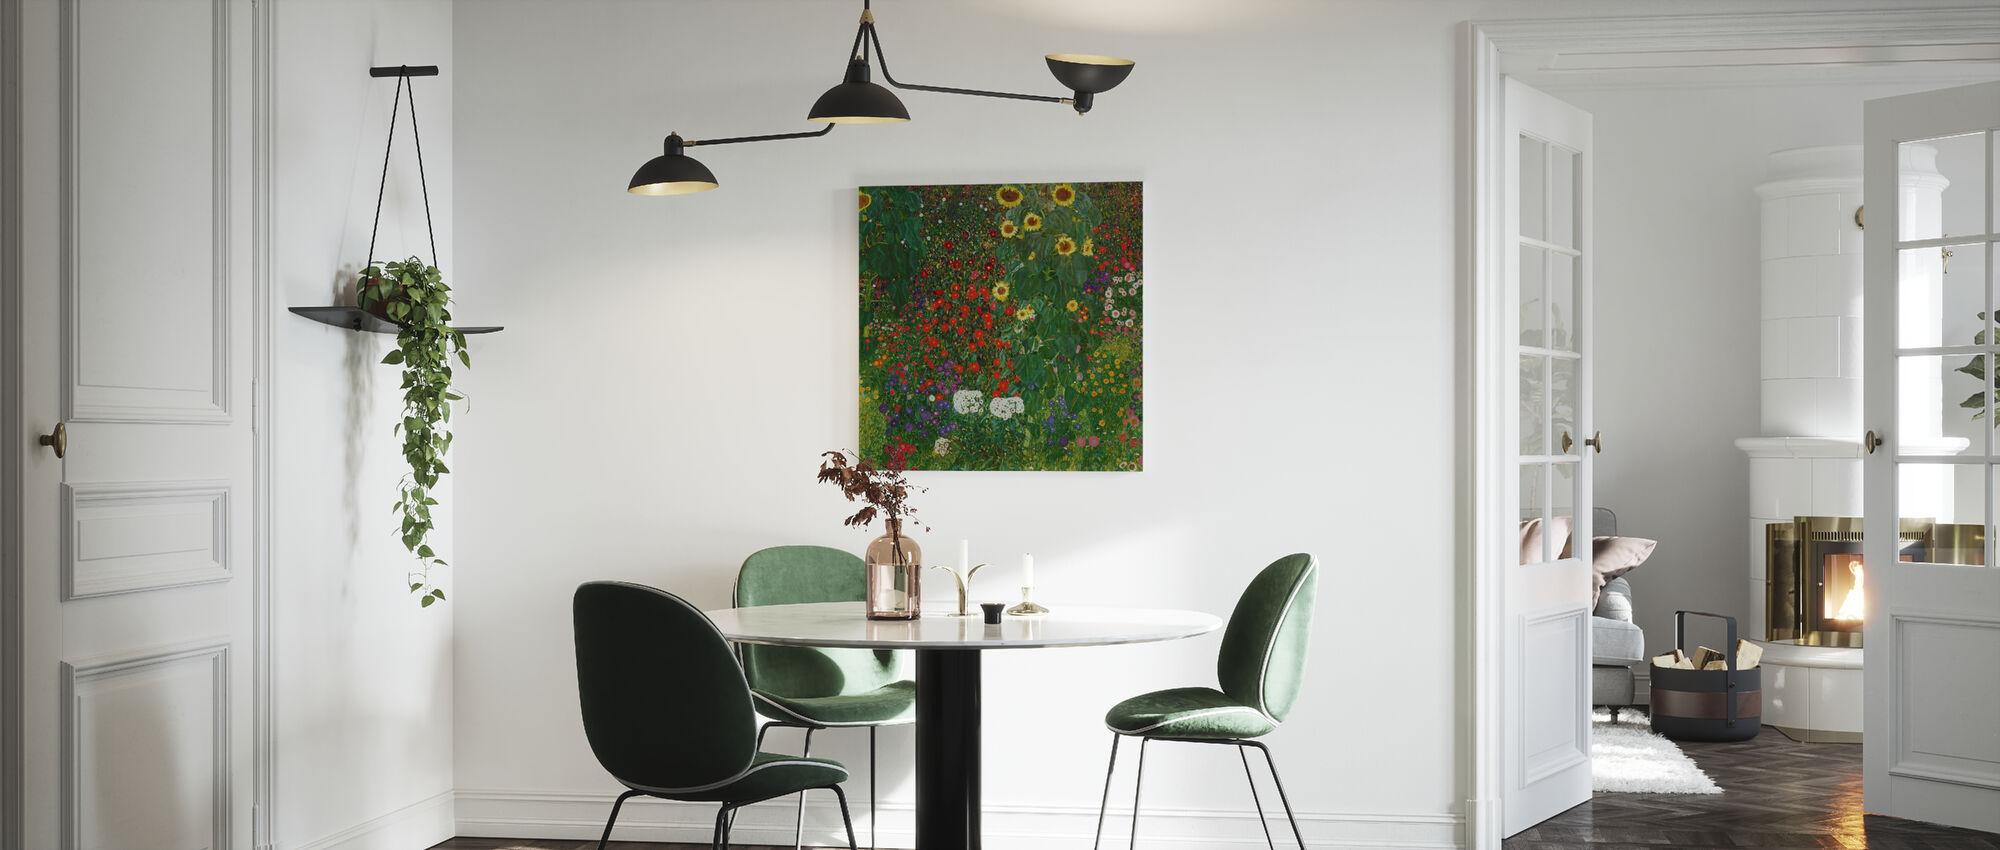 Garden with Sunflowers. Gustav Klimt - Canvas print - Kitchen